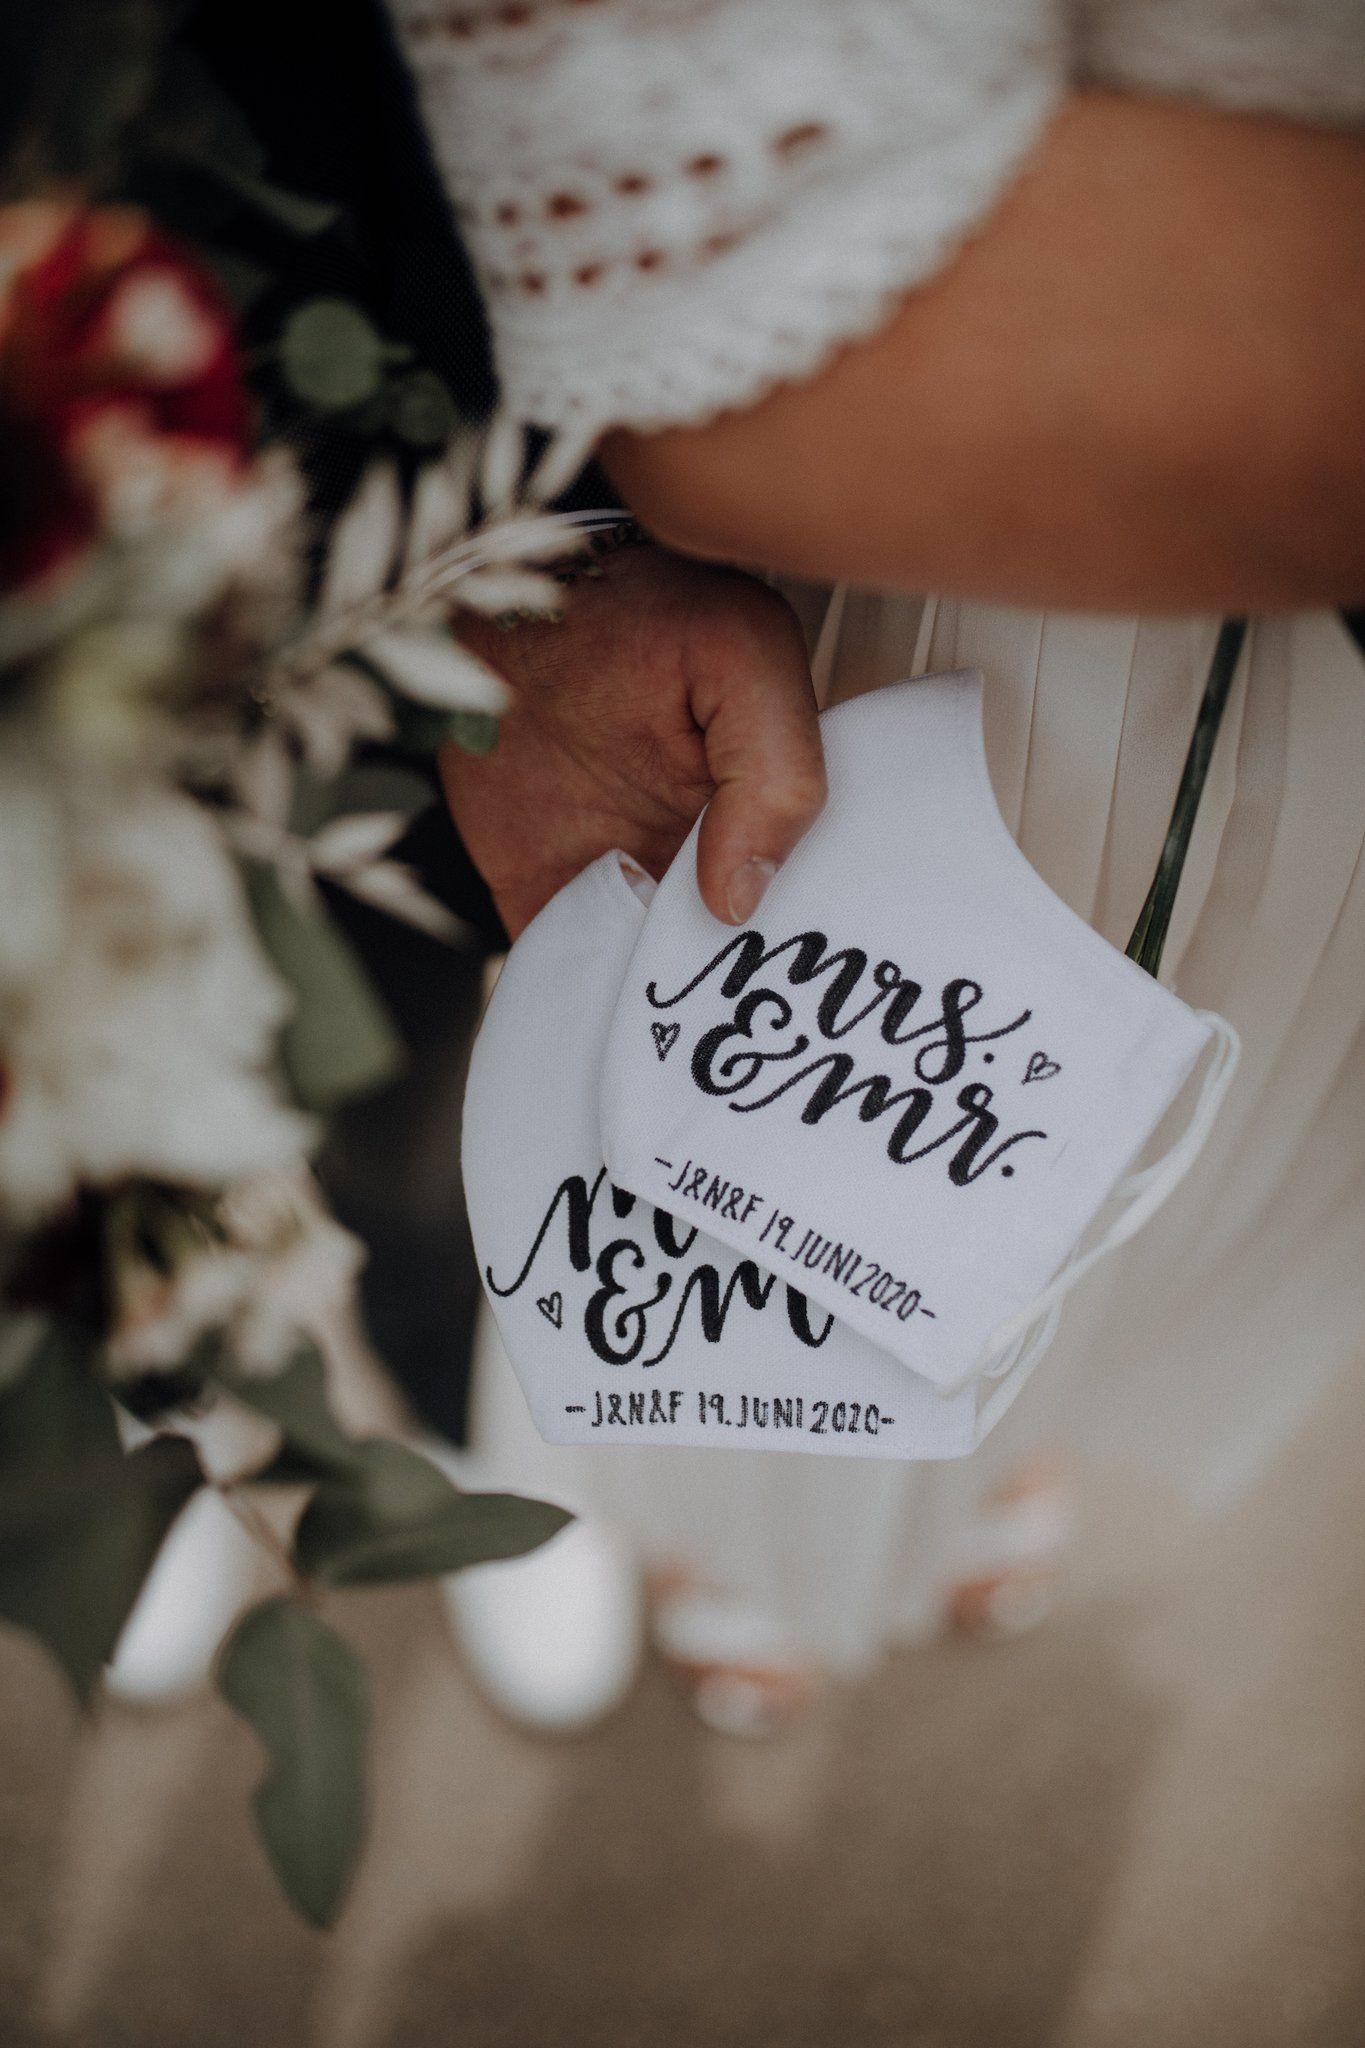 Brautpaare wurden von Corona ganz besonders kalt erwischt, denn viele mussten ihre Feier wegen der strengen Auflagen stark ummodeln oder verschieben. Es gibt jedoch zahlreiche wirklich originelle Wege eine unvergessliche und zeitgemäße Hochzeit auszurichten und euch und euer Versprechen gebührend zu feiern! Nie zuvor haben wir eine Saison mit so vielen tollen und kreative Ideen gesehen wie diese! Lasst euch inspirieren...